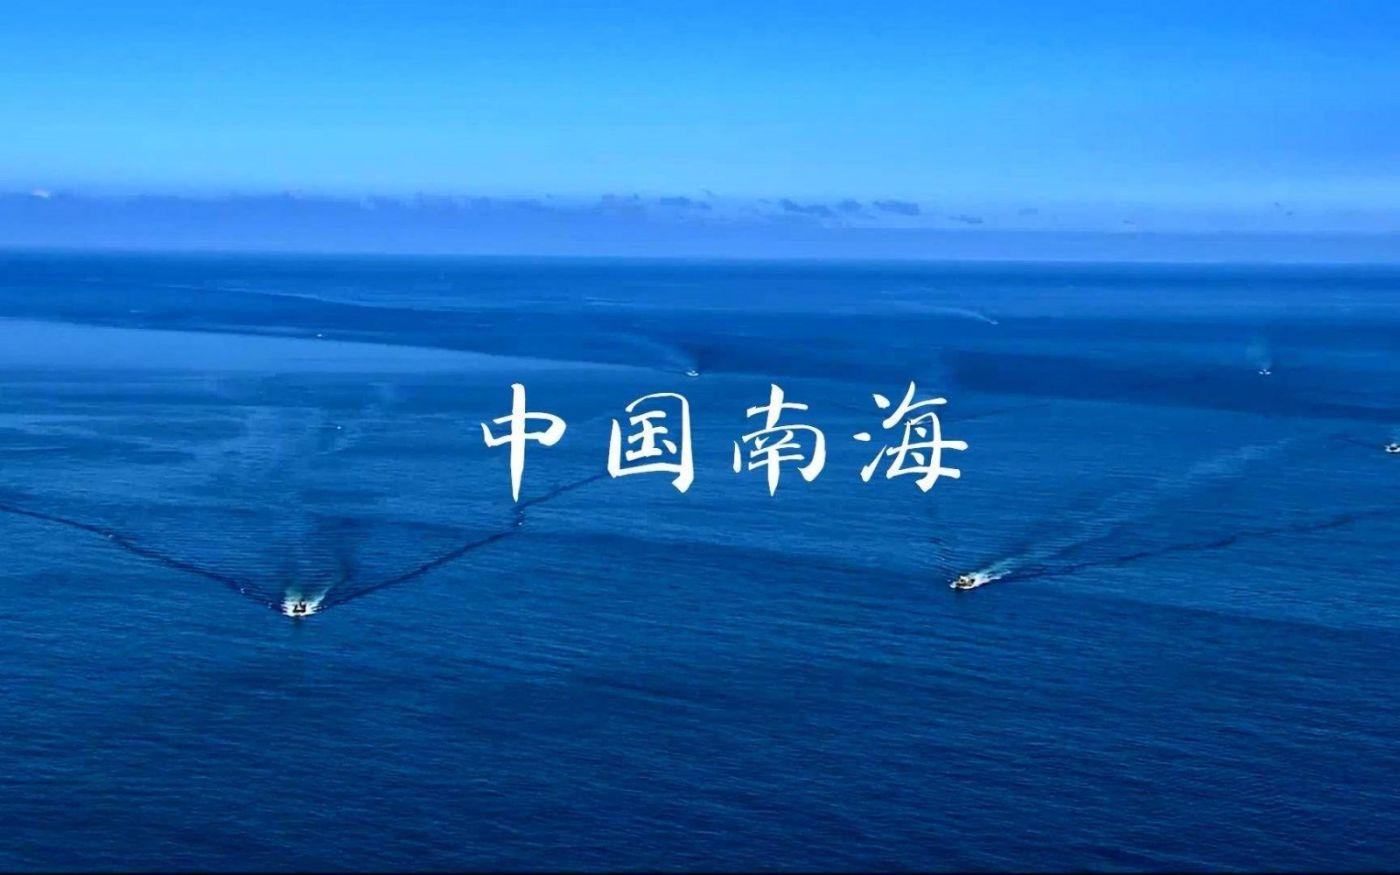 诗.南海风波_图1-1